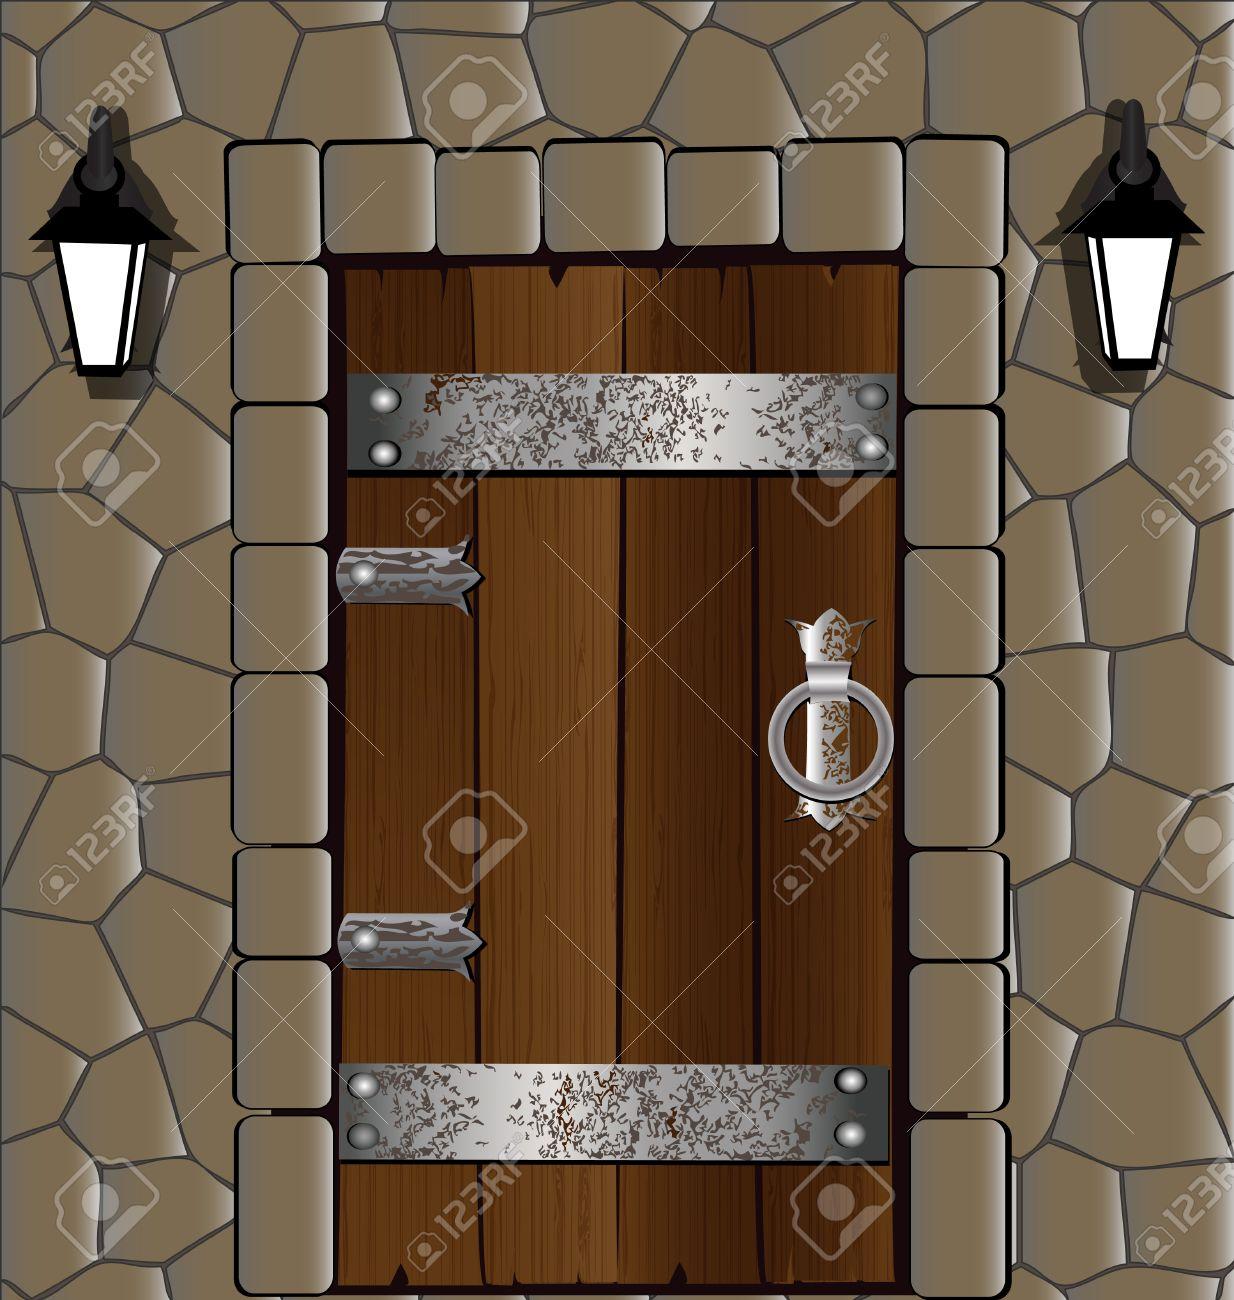 Old wooden door clipart - Old Wooden Door In The Stone Wall Old Wooden Door Alongside Two Lantern Illustration